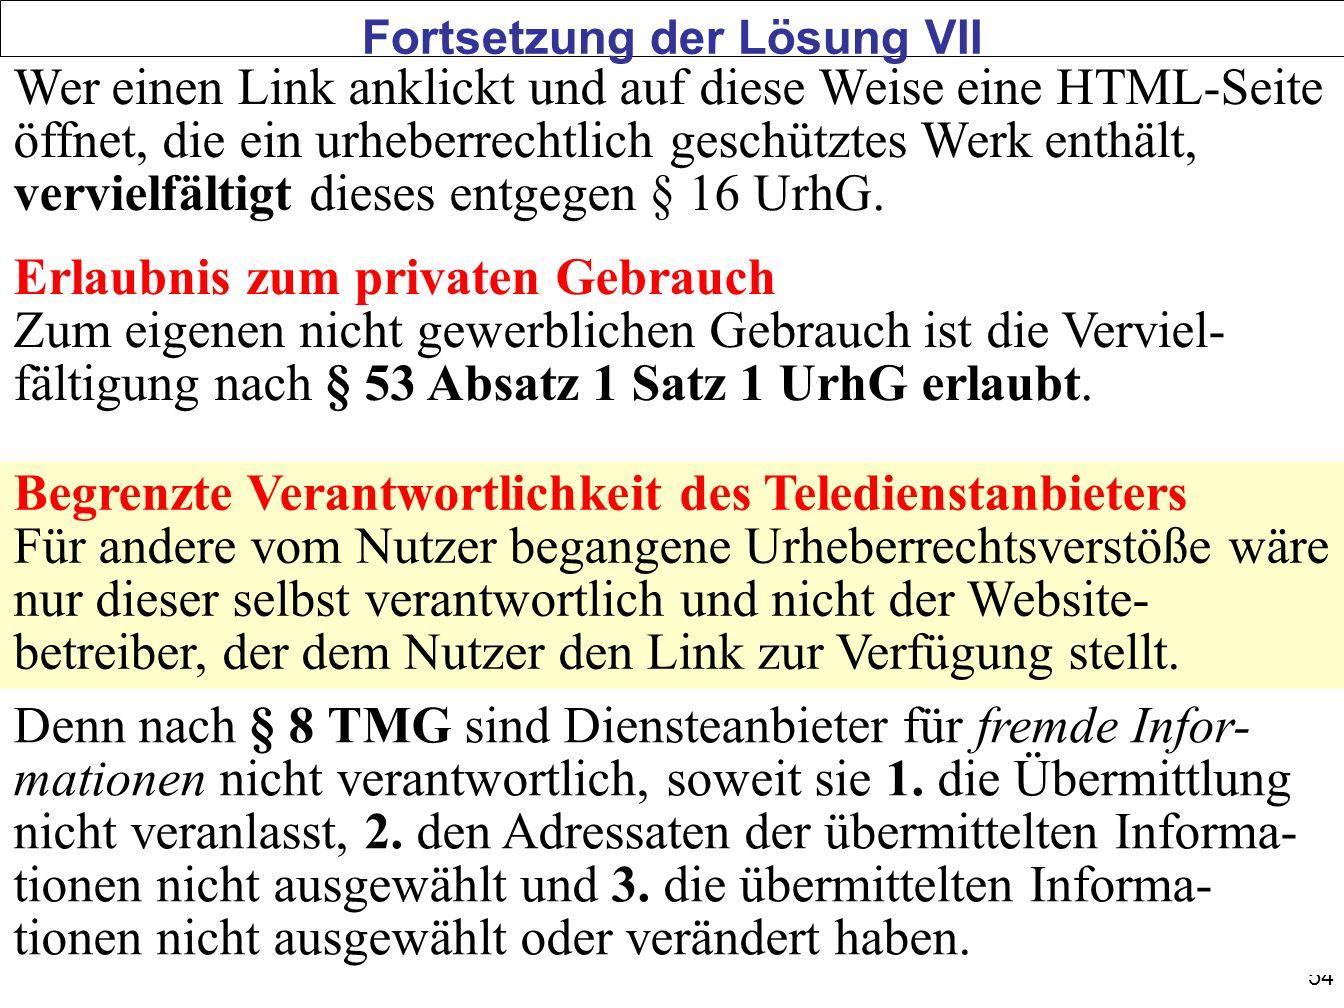 54 Wer einen Link anklickt und auf diese Weise eine HTML-Seite öffnet, die ein urheberrechtlich geschütztes Werk enthält, vervielfältigt dieses entgegen § 16 UrhG.